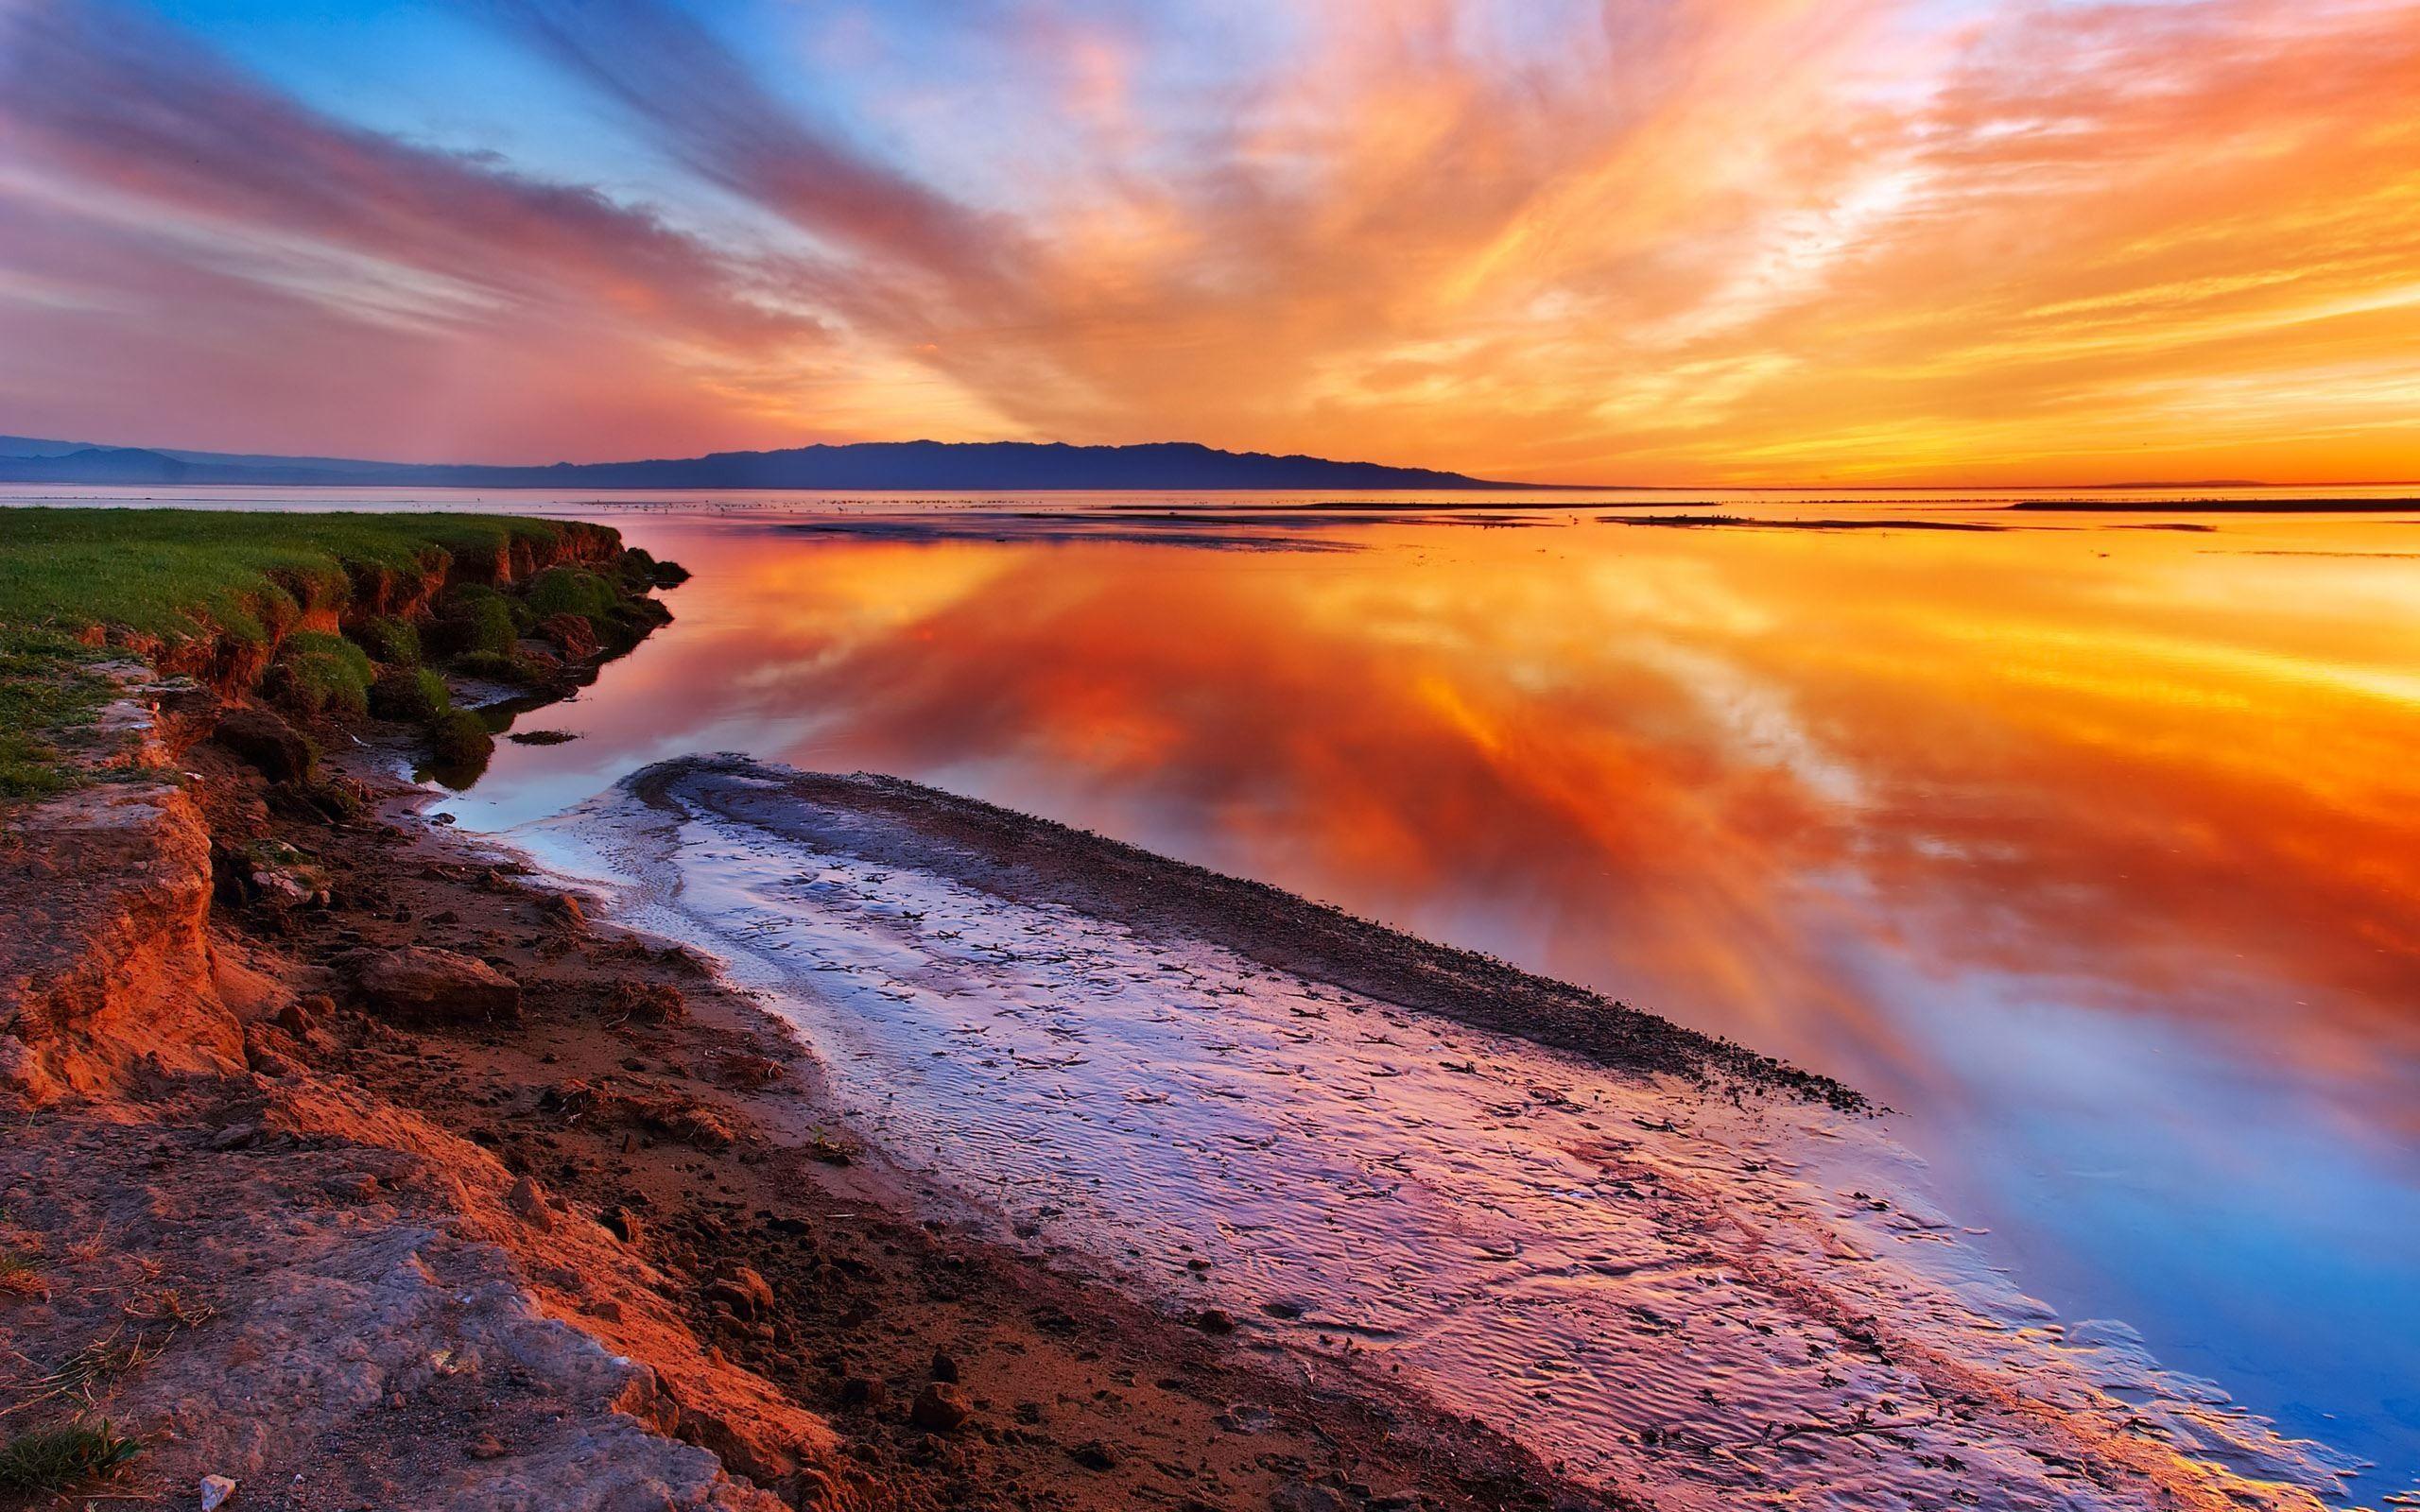 Sunset Over Kawaguchi Lake Japan Hd Wallpaper Imgprix Com High Definition Wallpapers An Ocean Landscape Landscape Wallpaper Beautiful Landscape Wallpaper